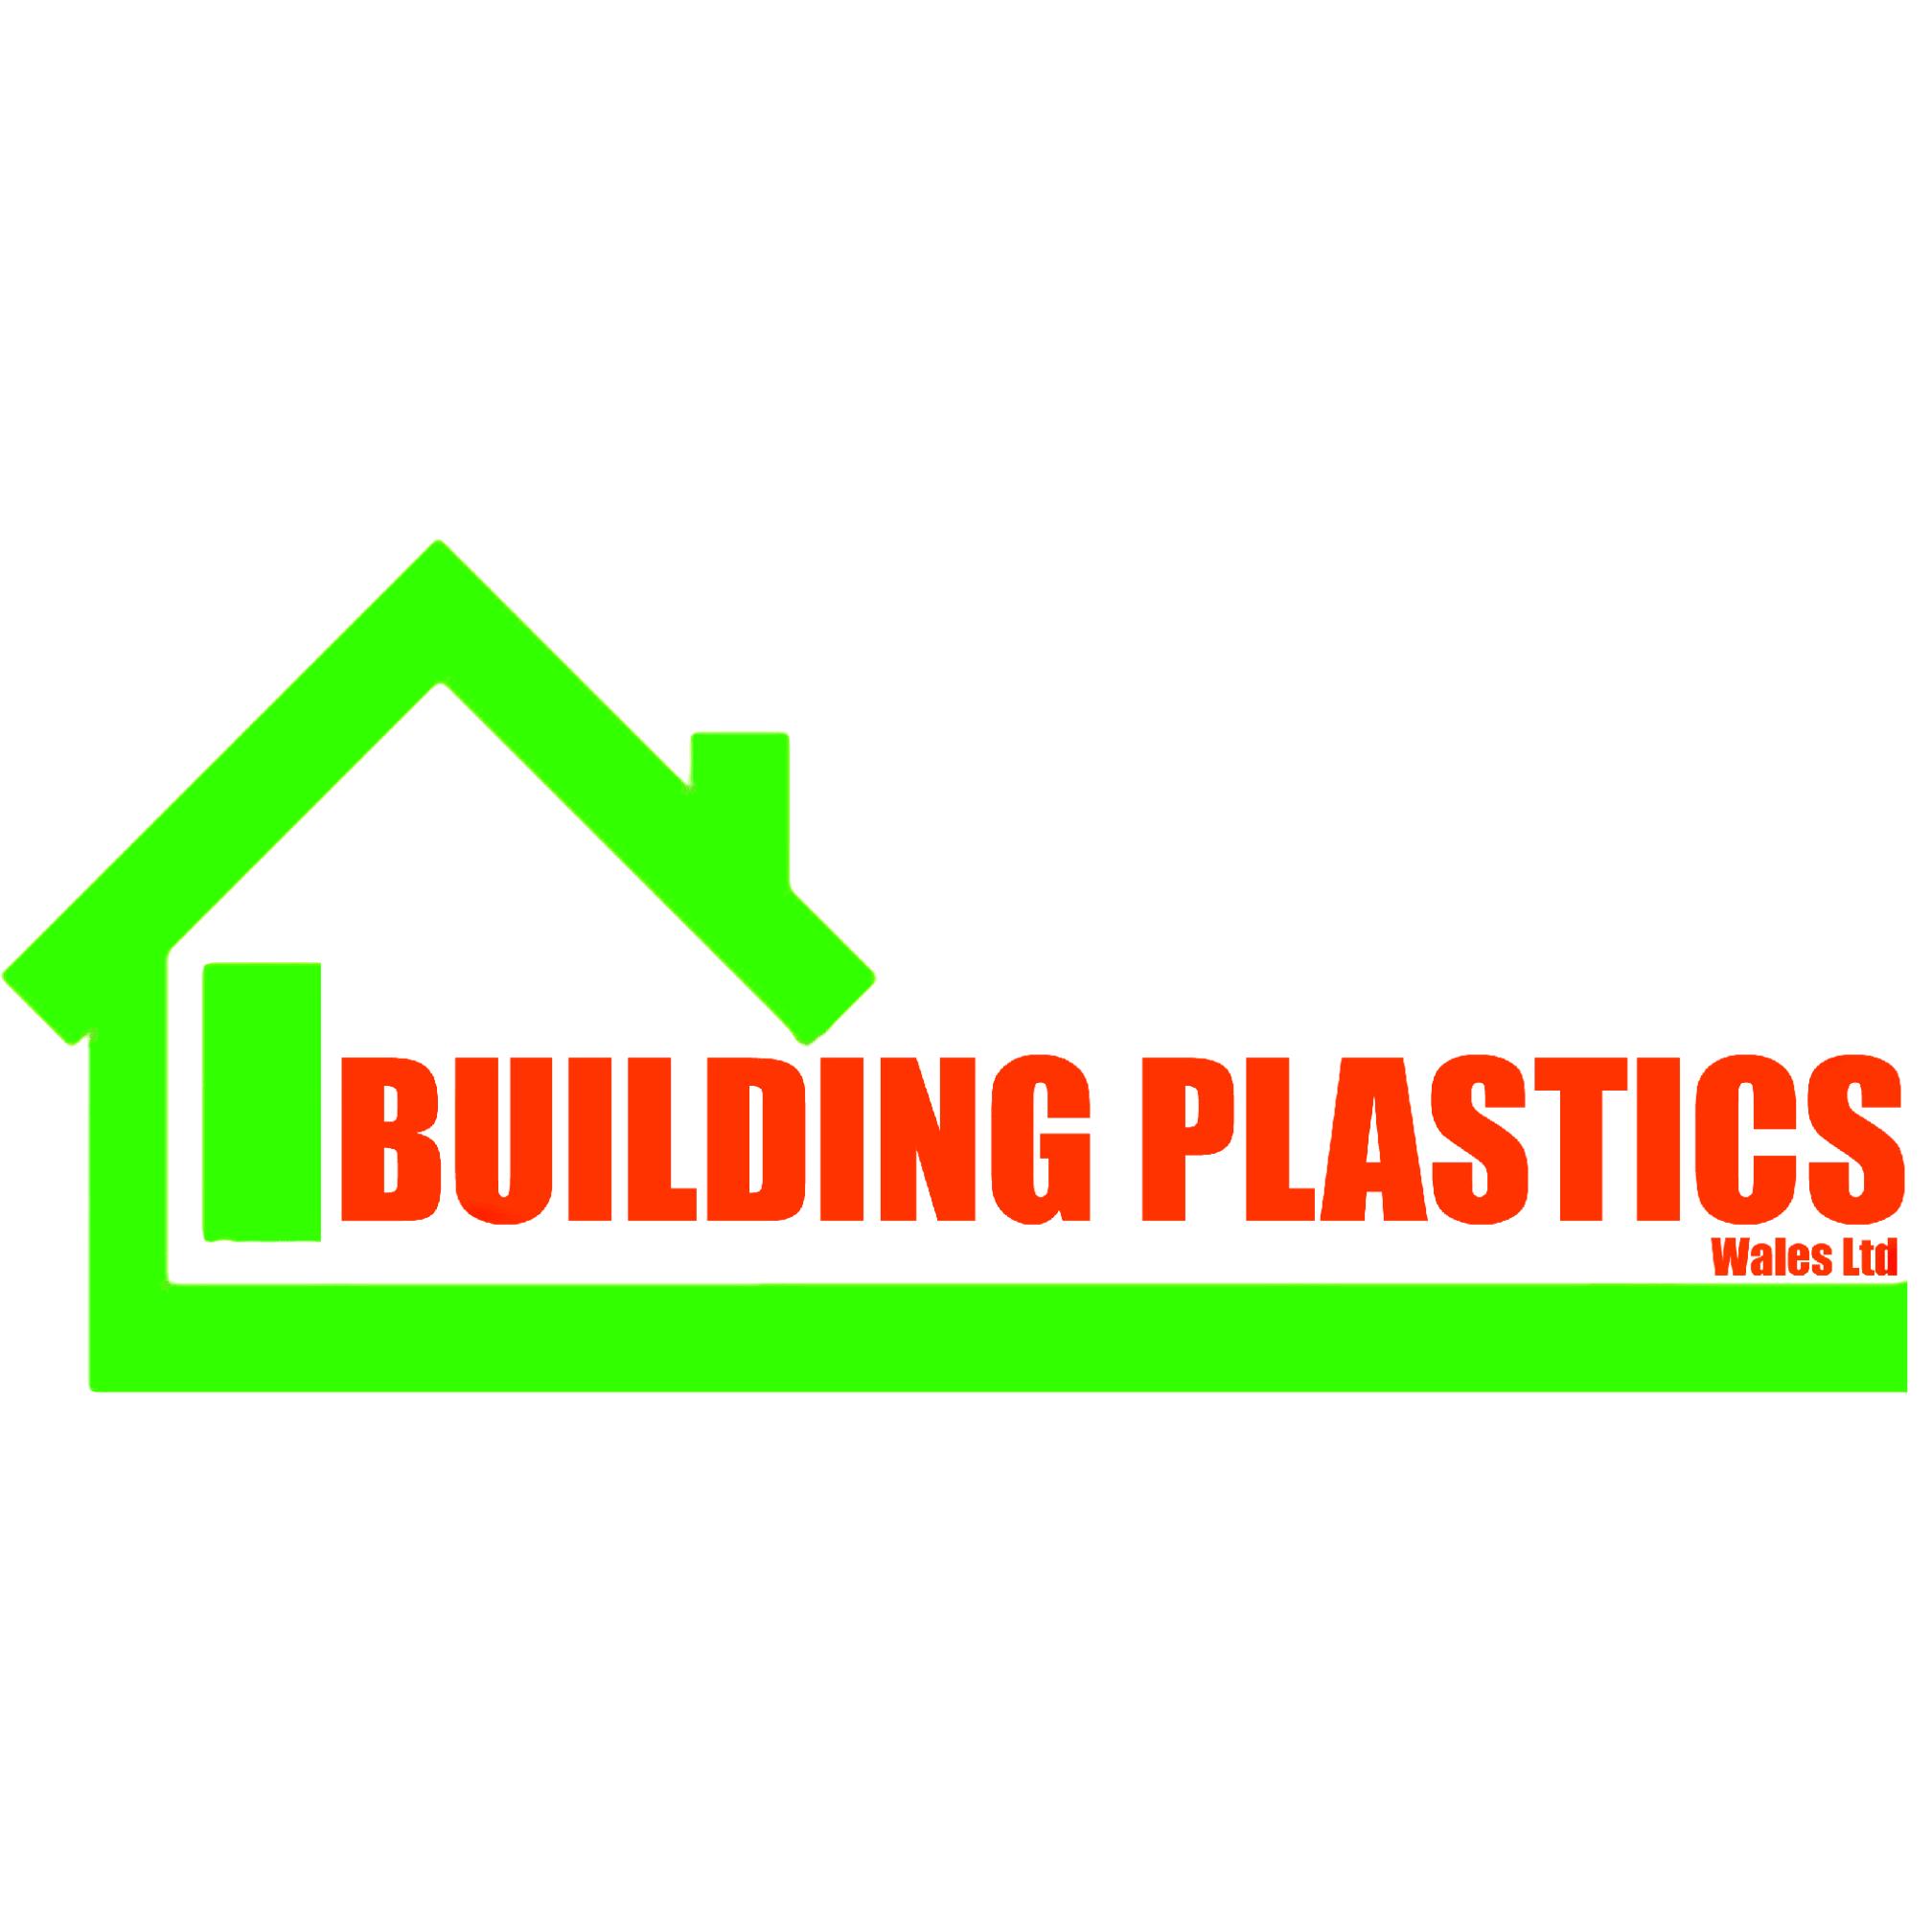 Building Plastics Wales Ltd - Blackwood, Mid Glamorgan NP12 2DQ - 01495 221630 | ShowMeLocal.com